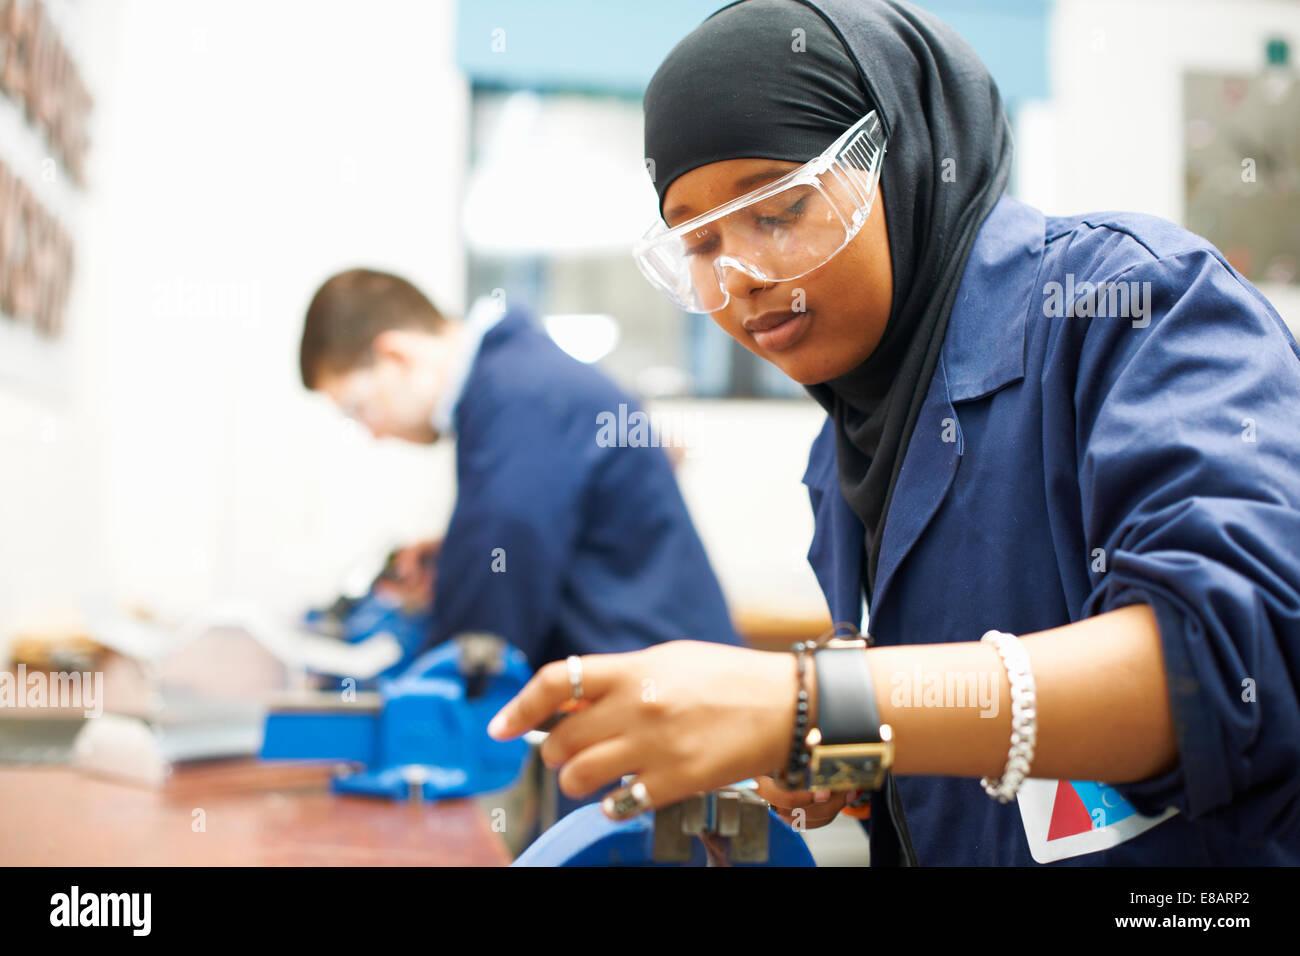 Estudiante femenina mediante mordaza de banco de taller en la universidad. Imagen De Stock